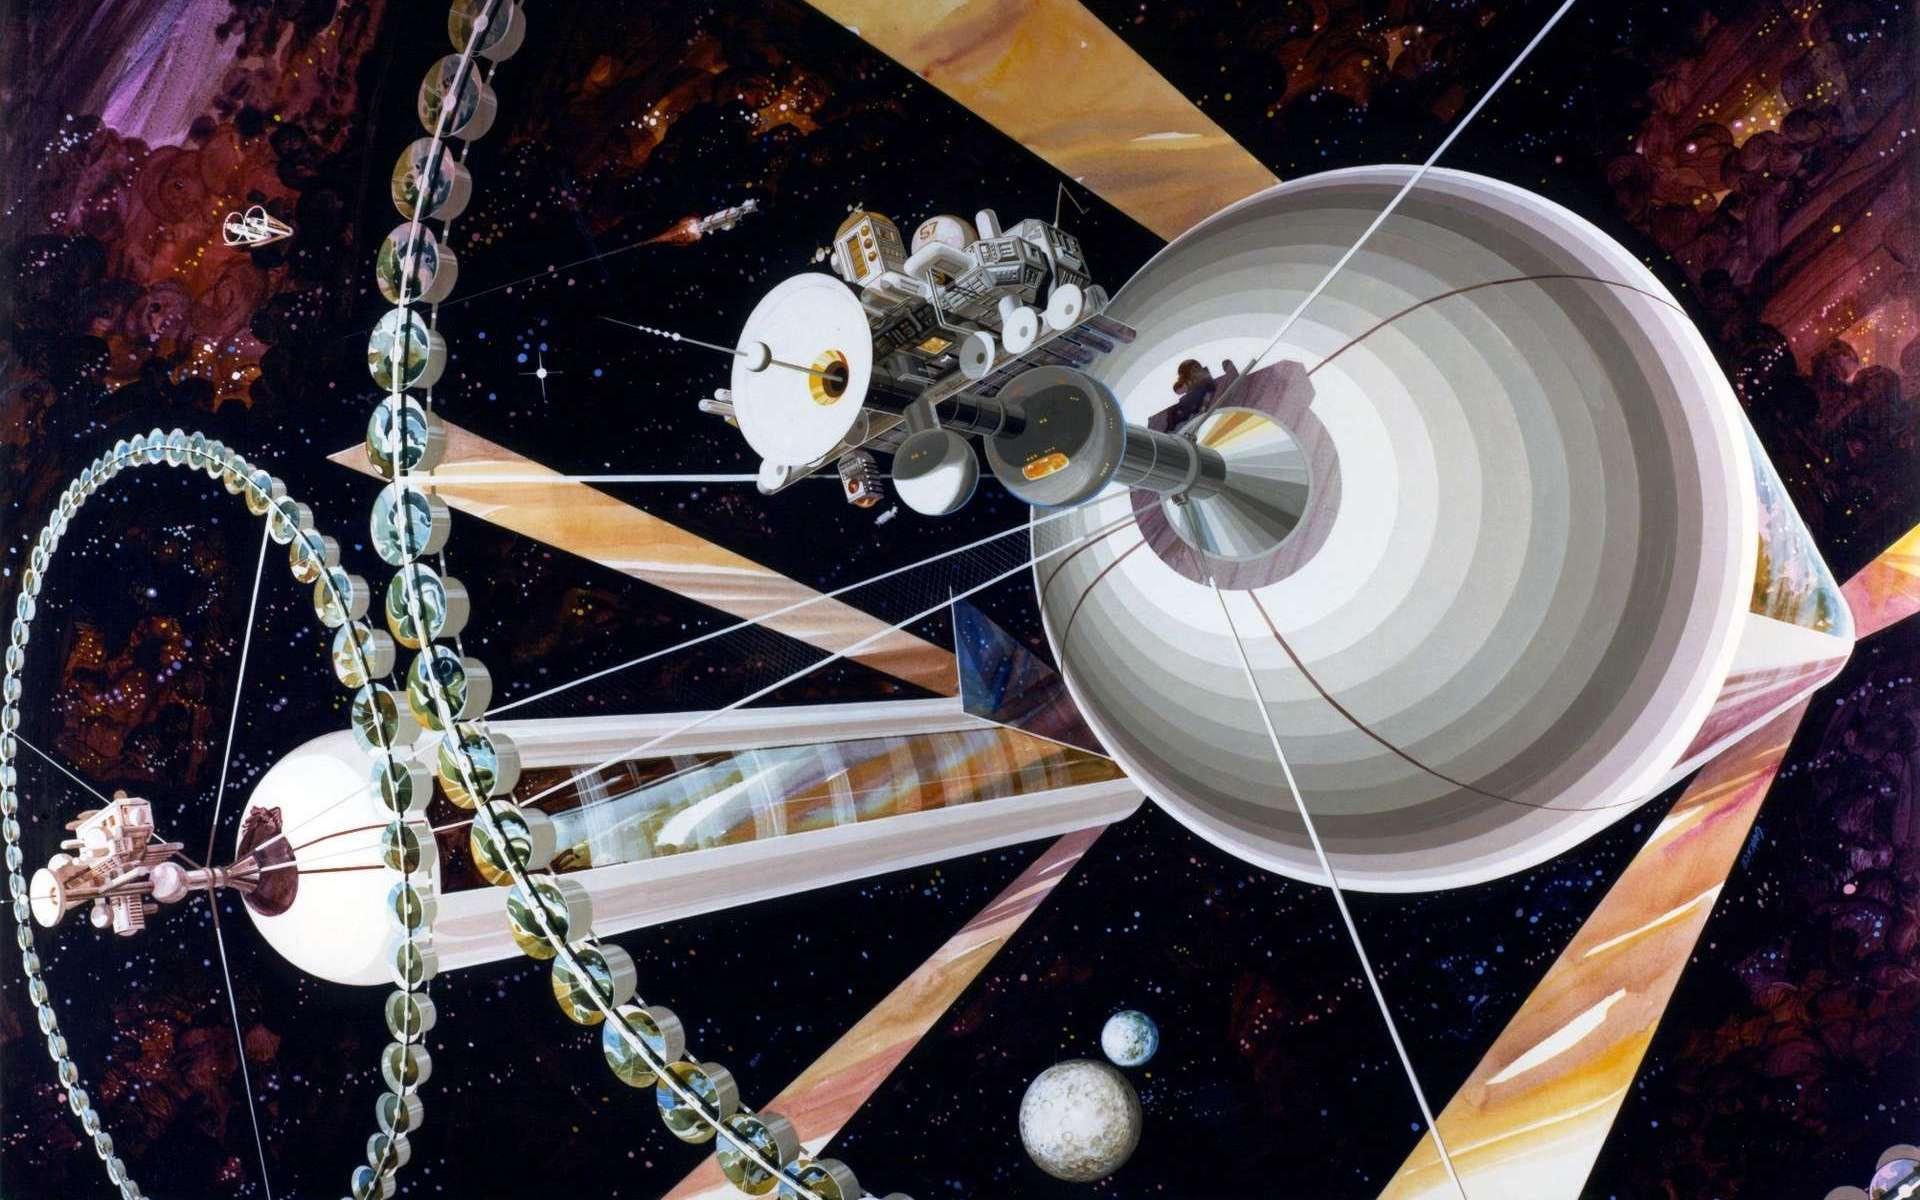 Jeff Bezos veut déplacer les industries polluantes dans l'espace, ce n'est pas idiot et on le sait depuis 50 ans !